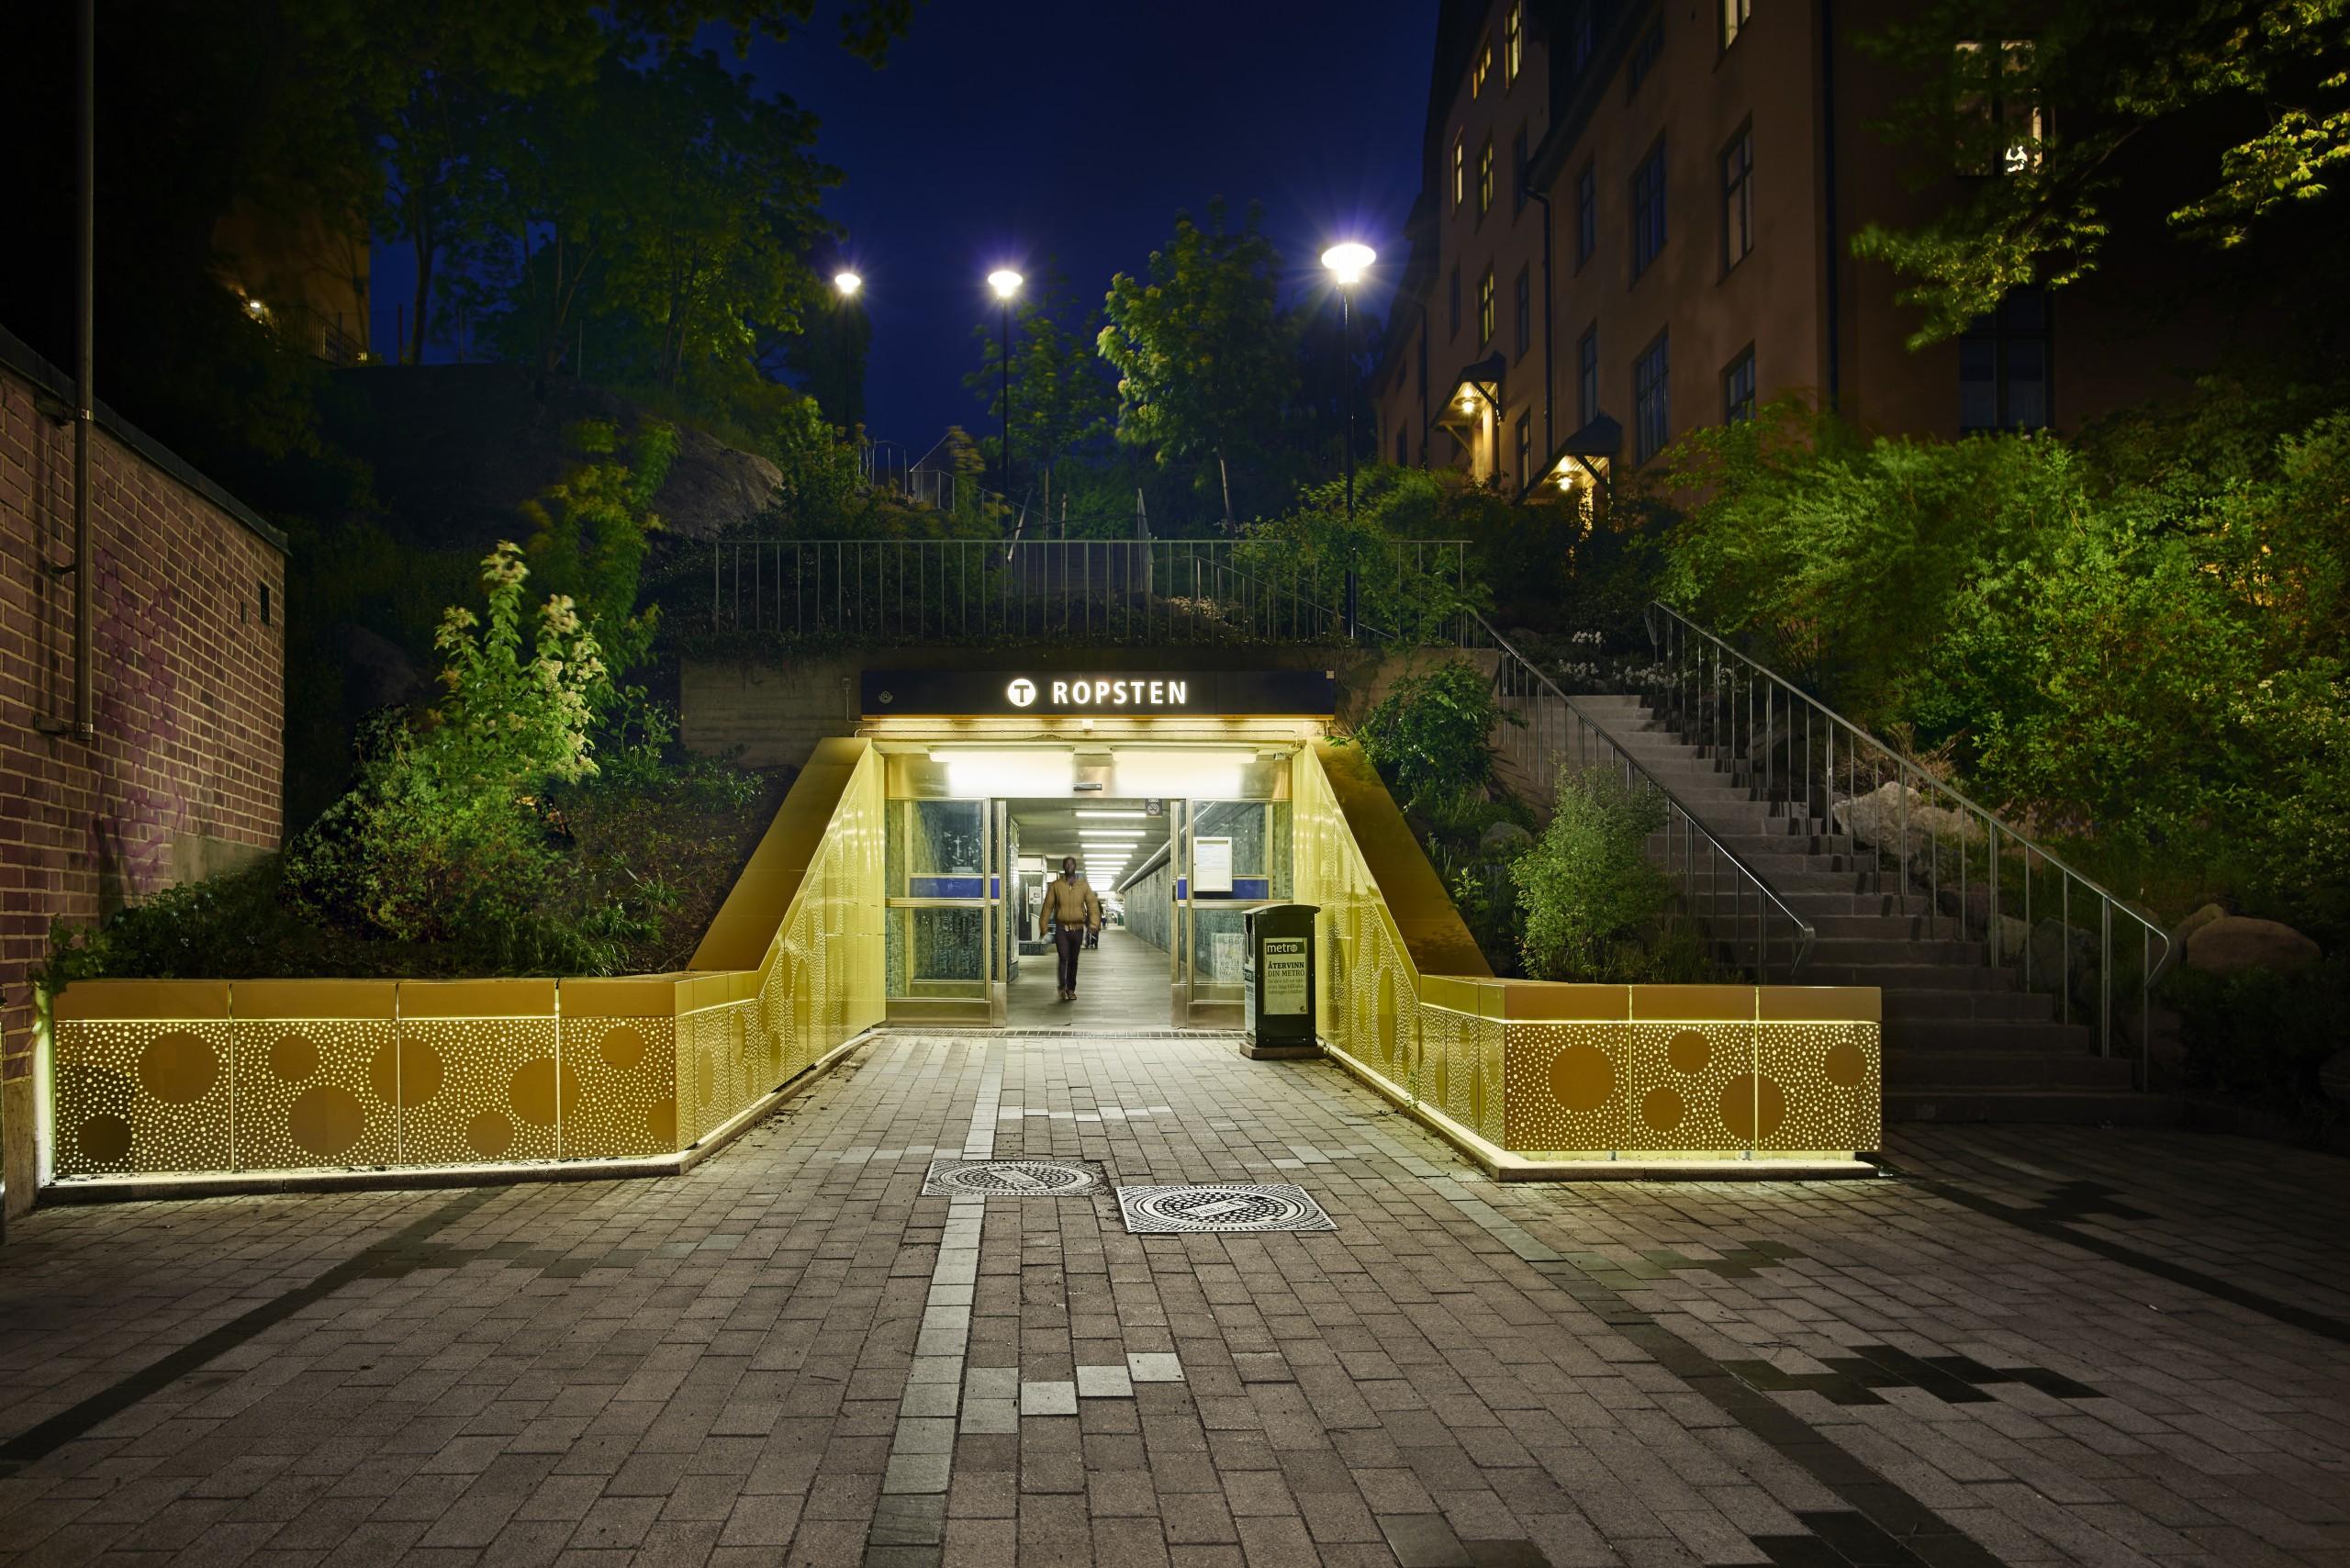 Station entrance